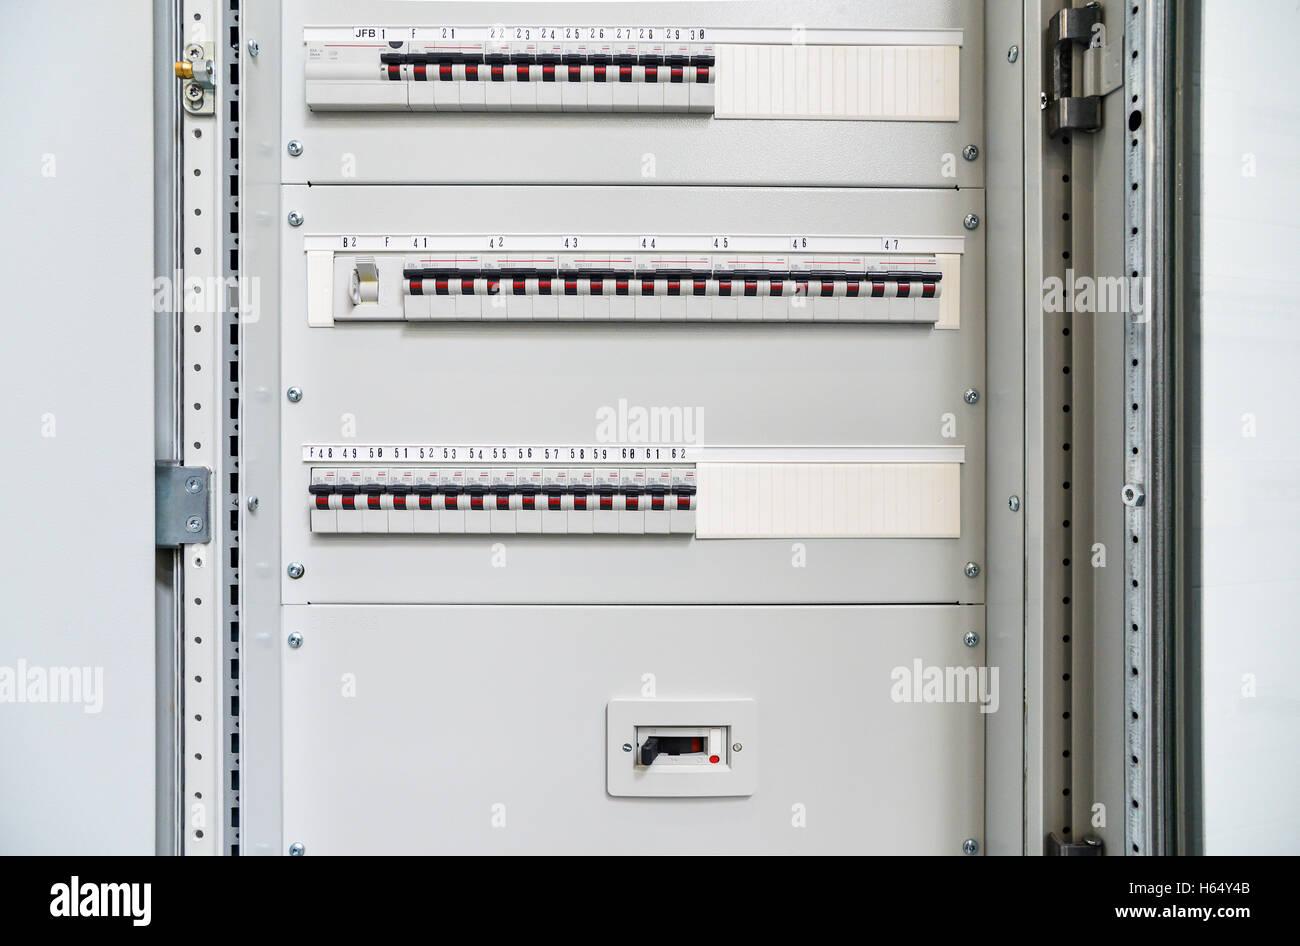 Niedervolt-Kabinett für Leistungs- und Strom. Ununterbrochene, elektrische Spannung. Stockbild